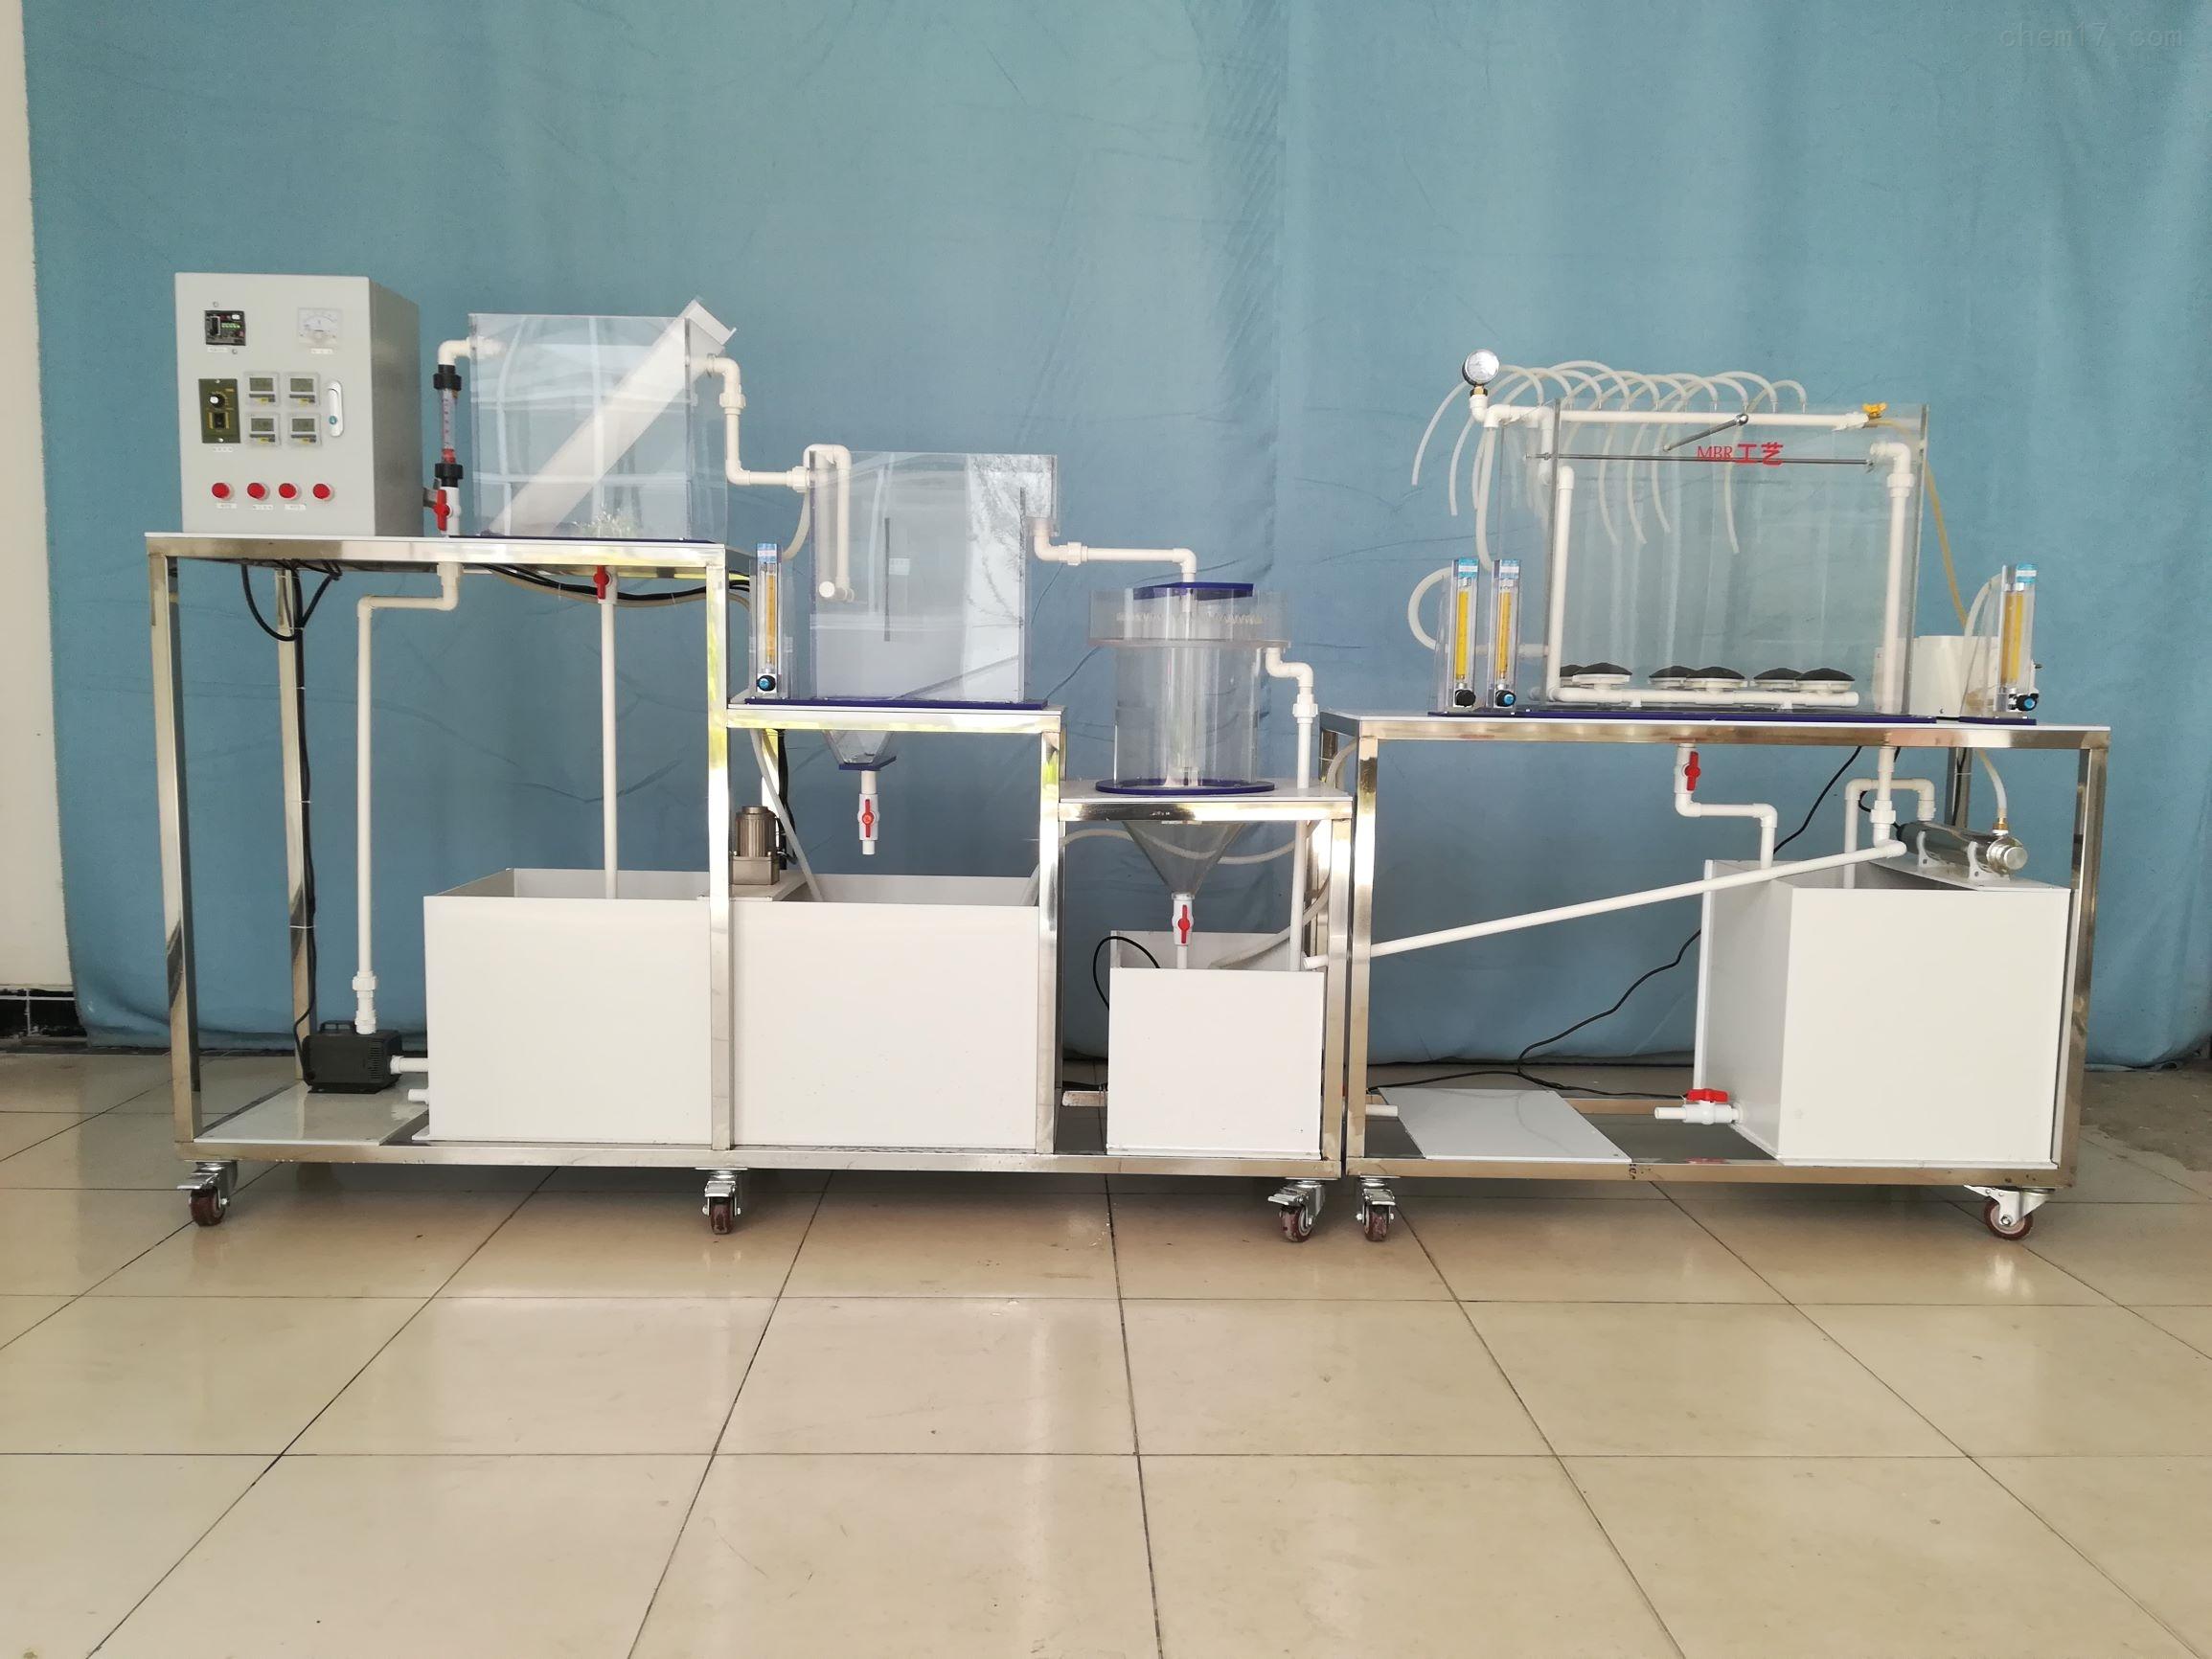 MBR工艺市政污水处理模拟实验装置